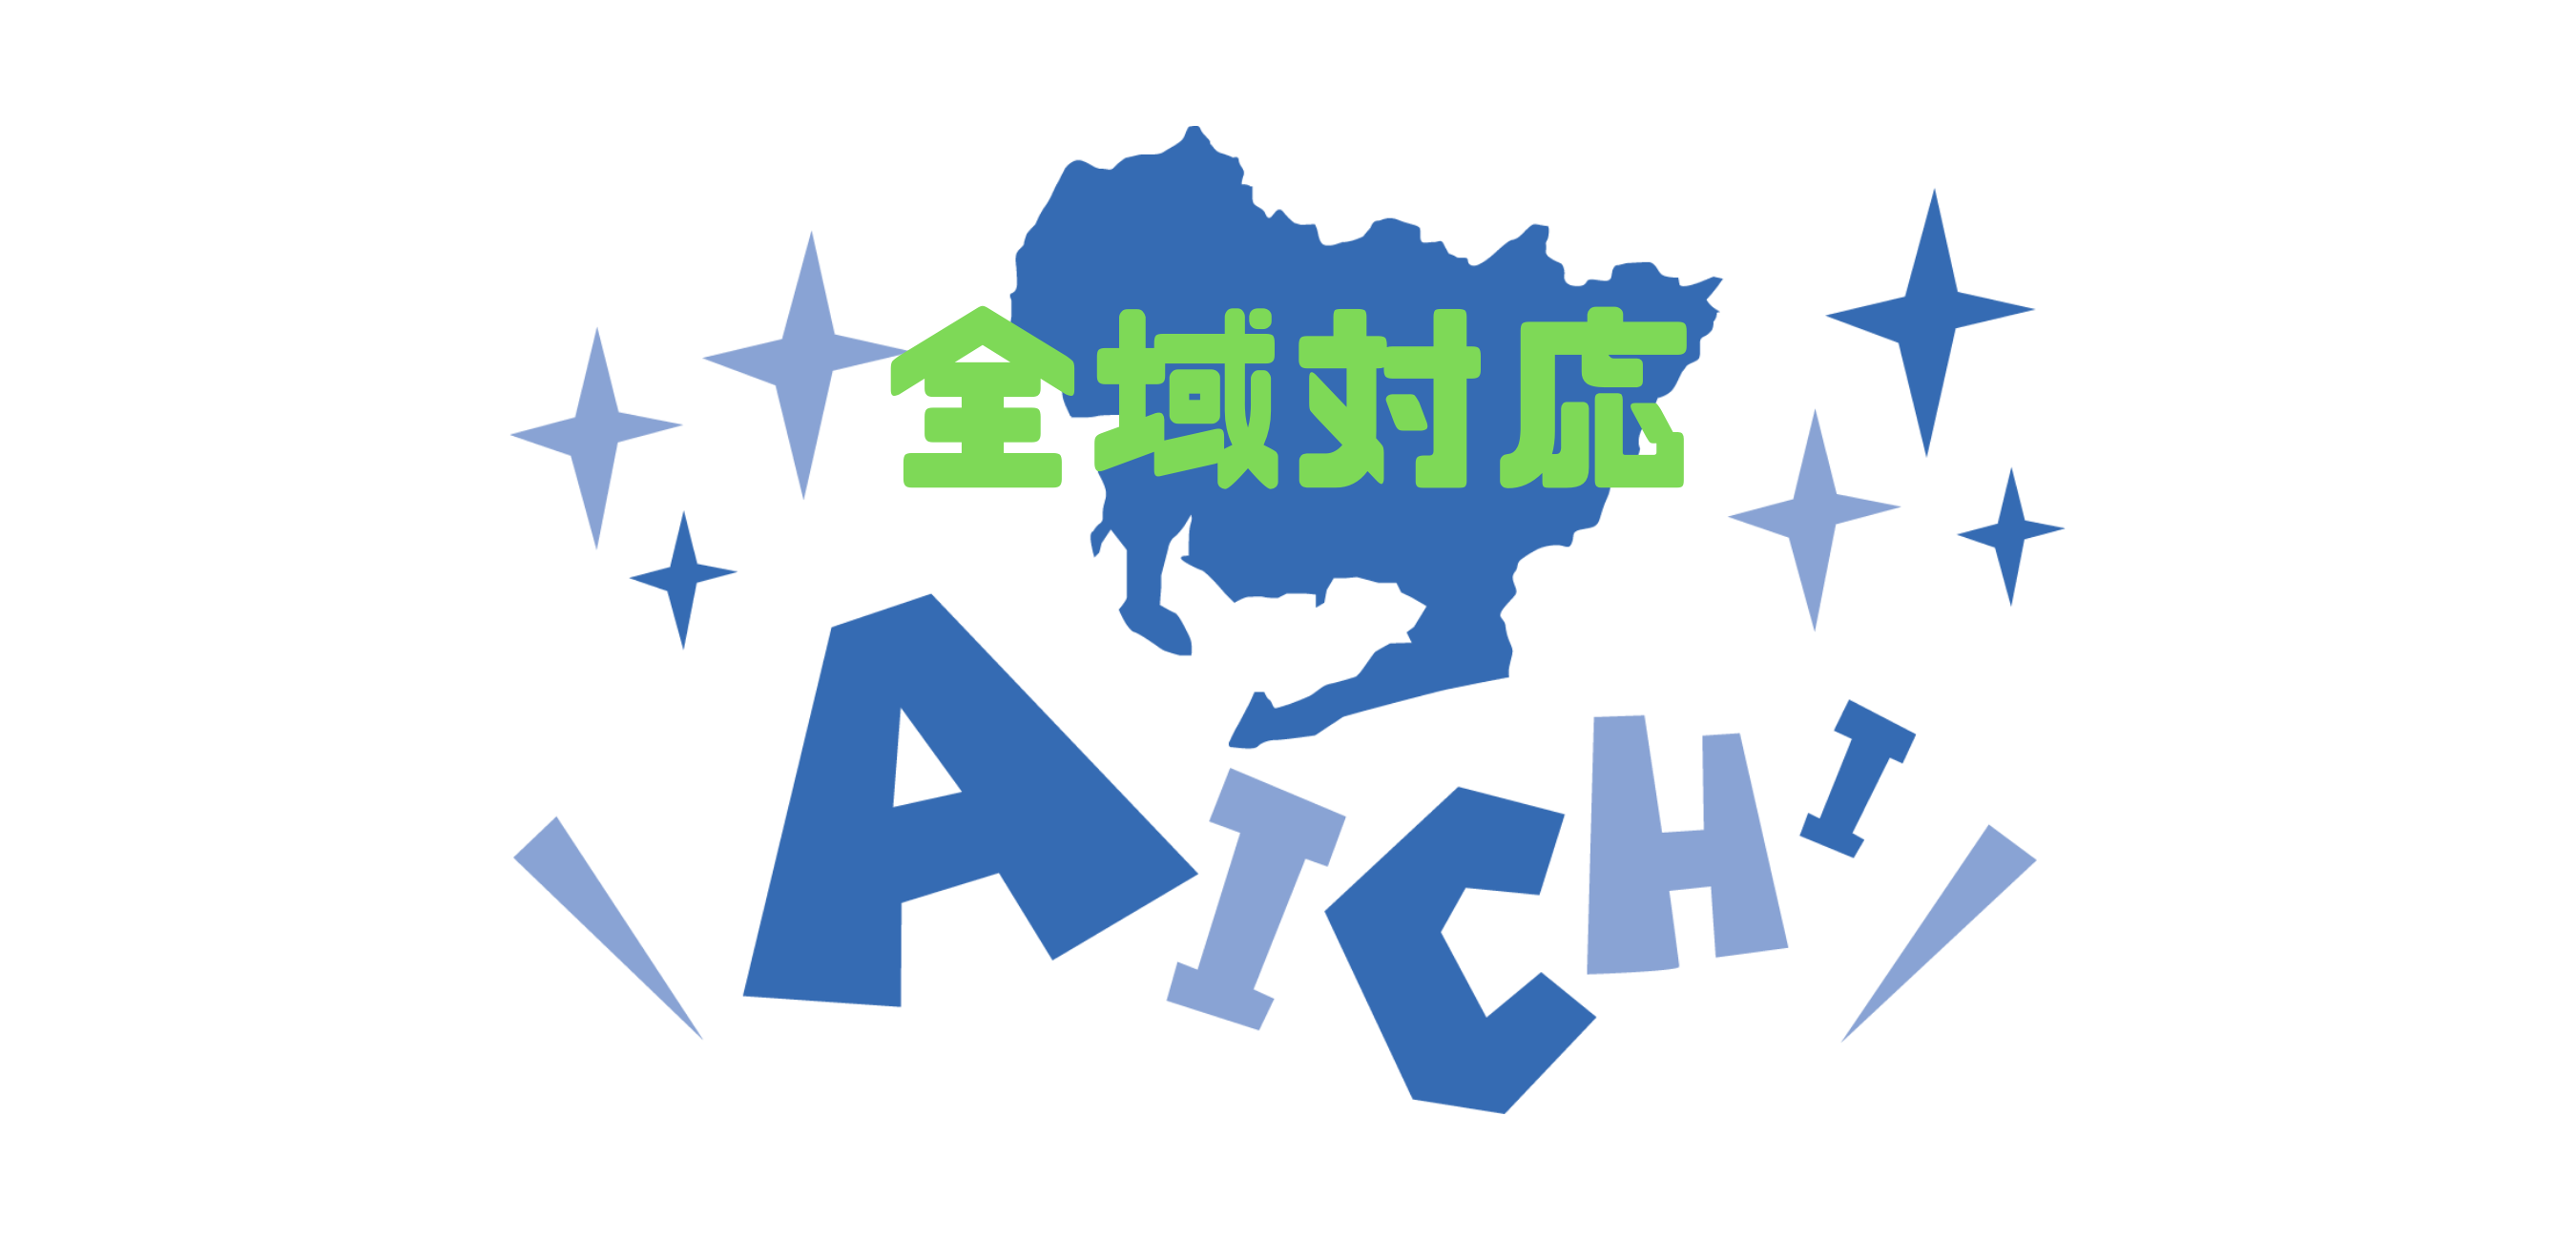 施工範囲は愛知県全域